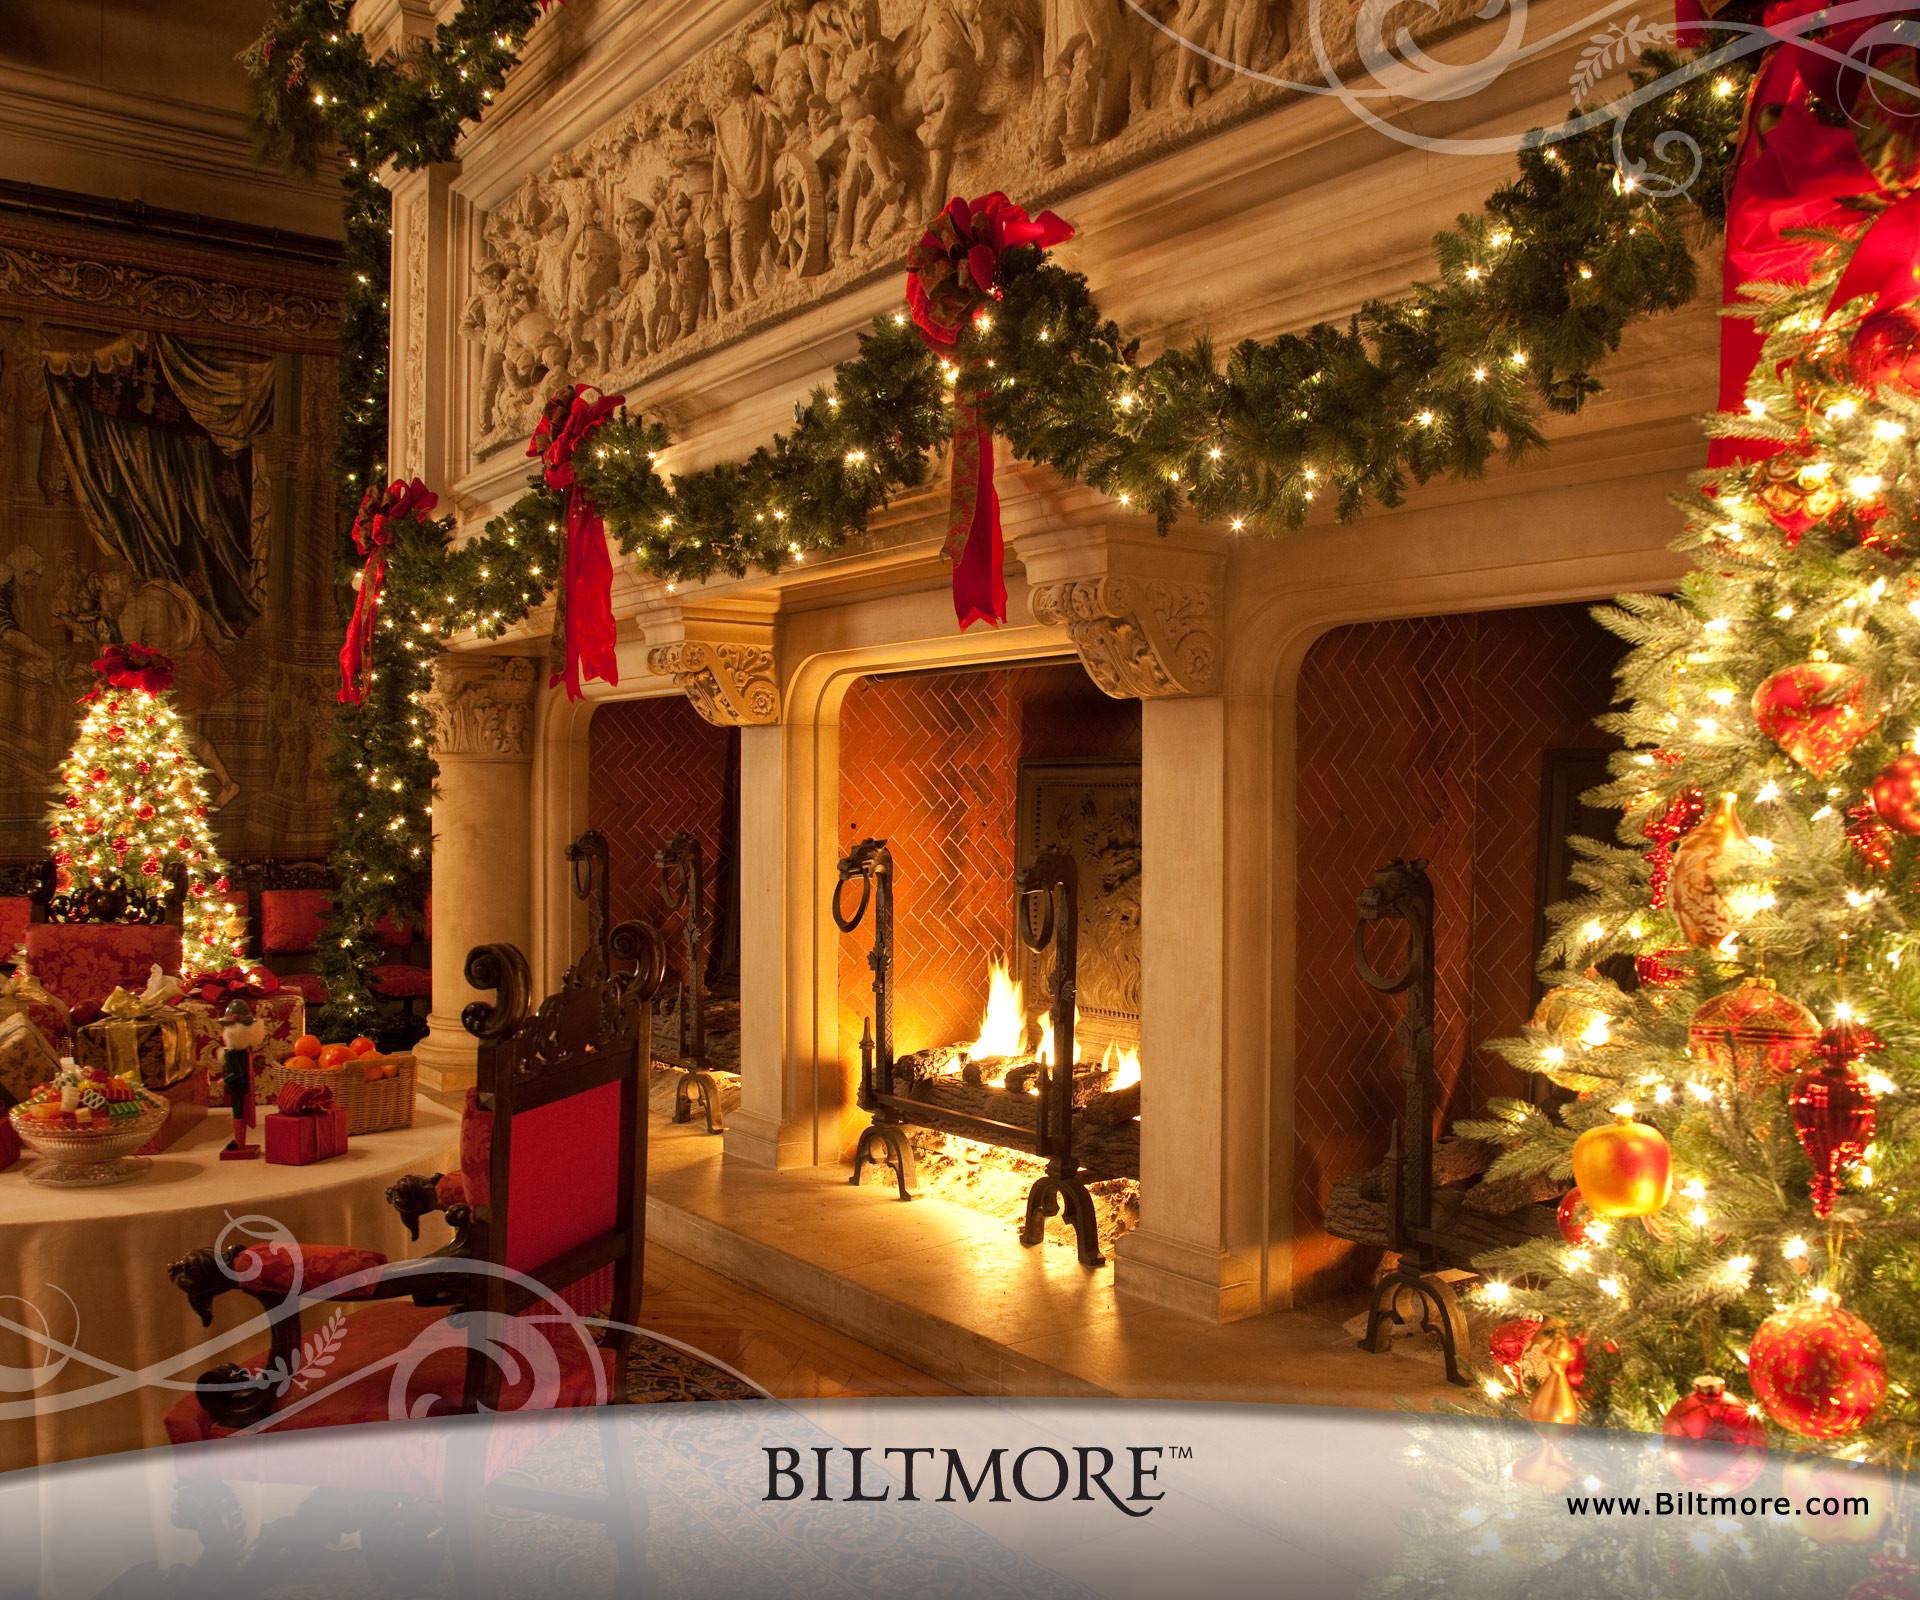 Biltmore Wallpaper (46+ Images